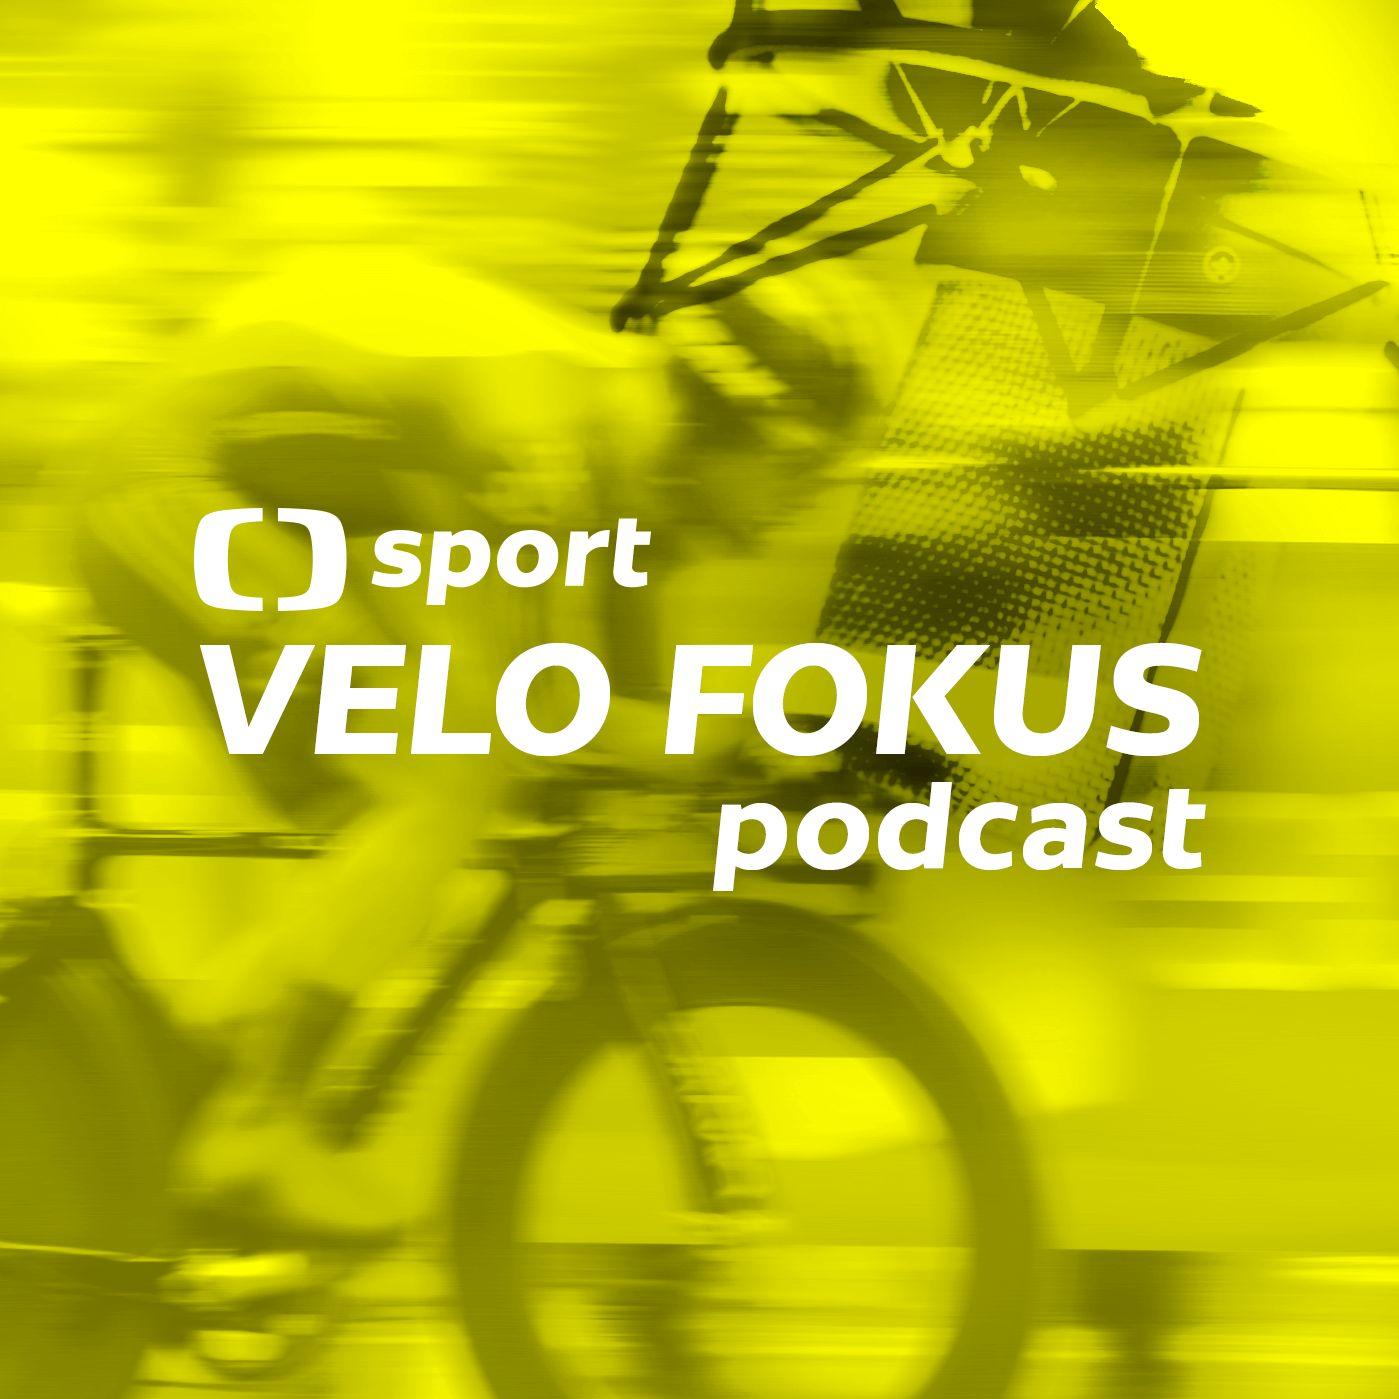 Velo fokus podcast: Na co se těšit na letošní Tour de France?